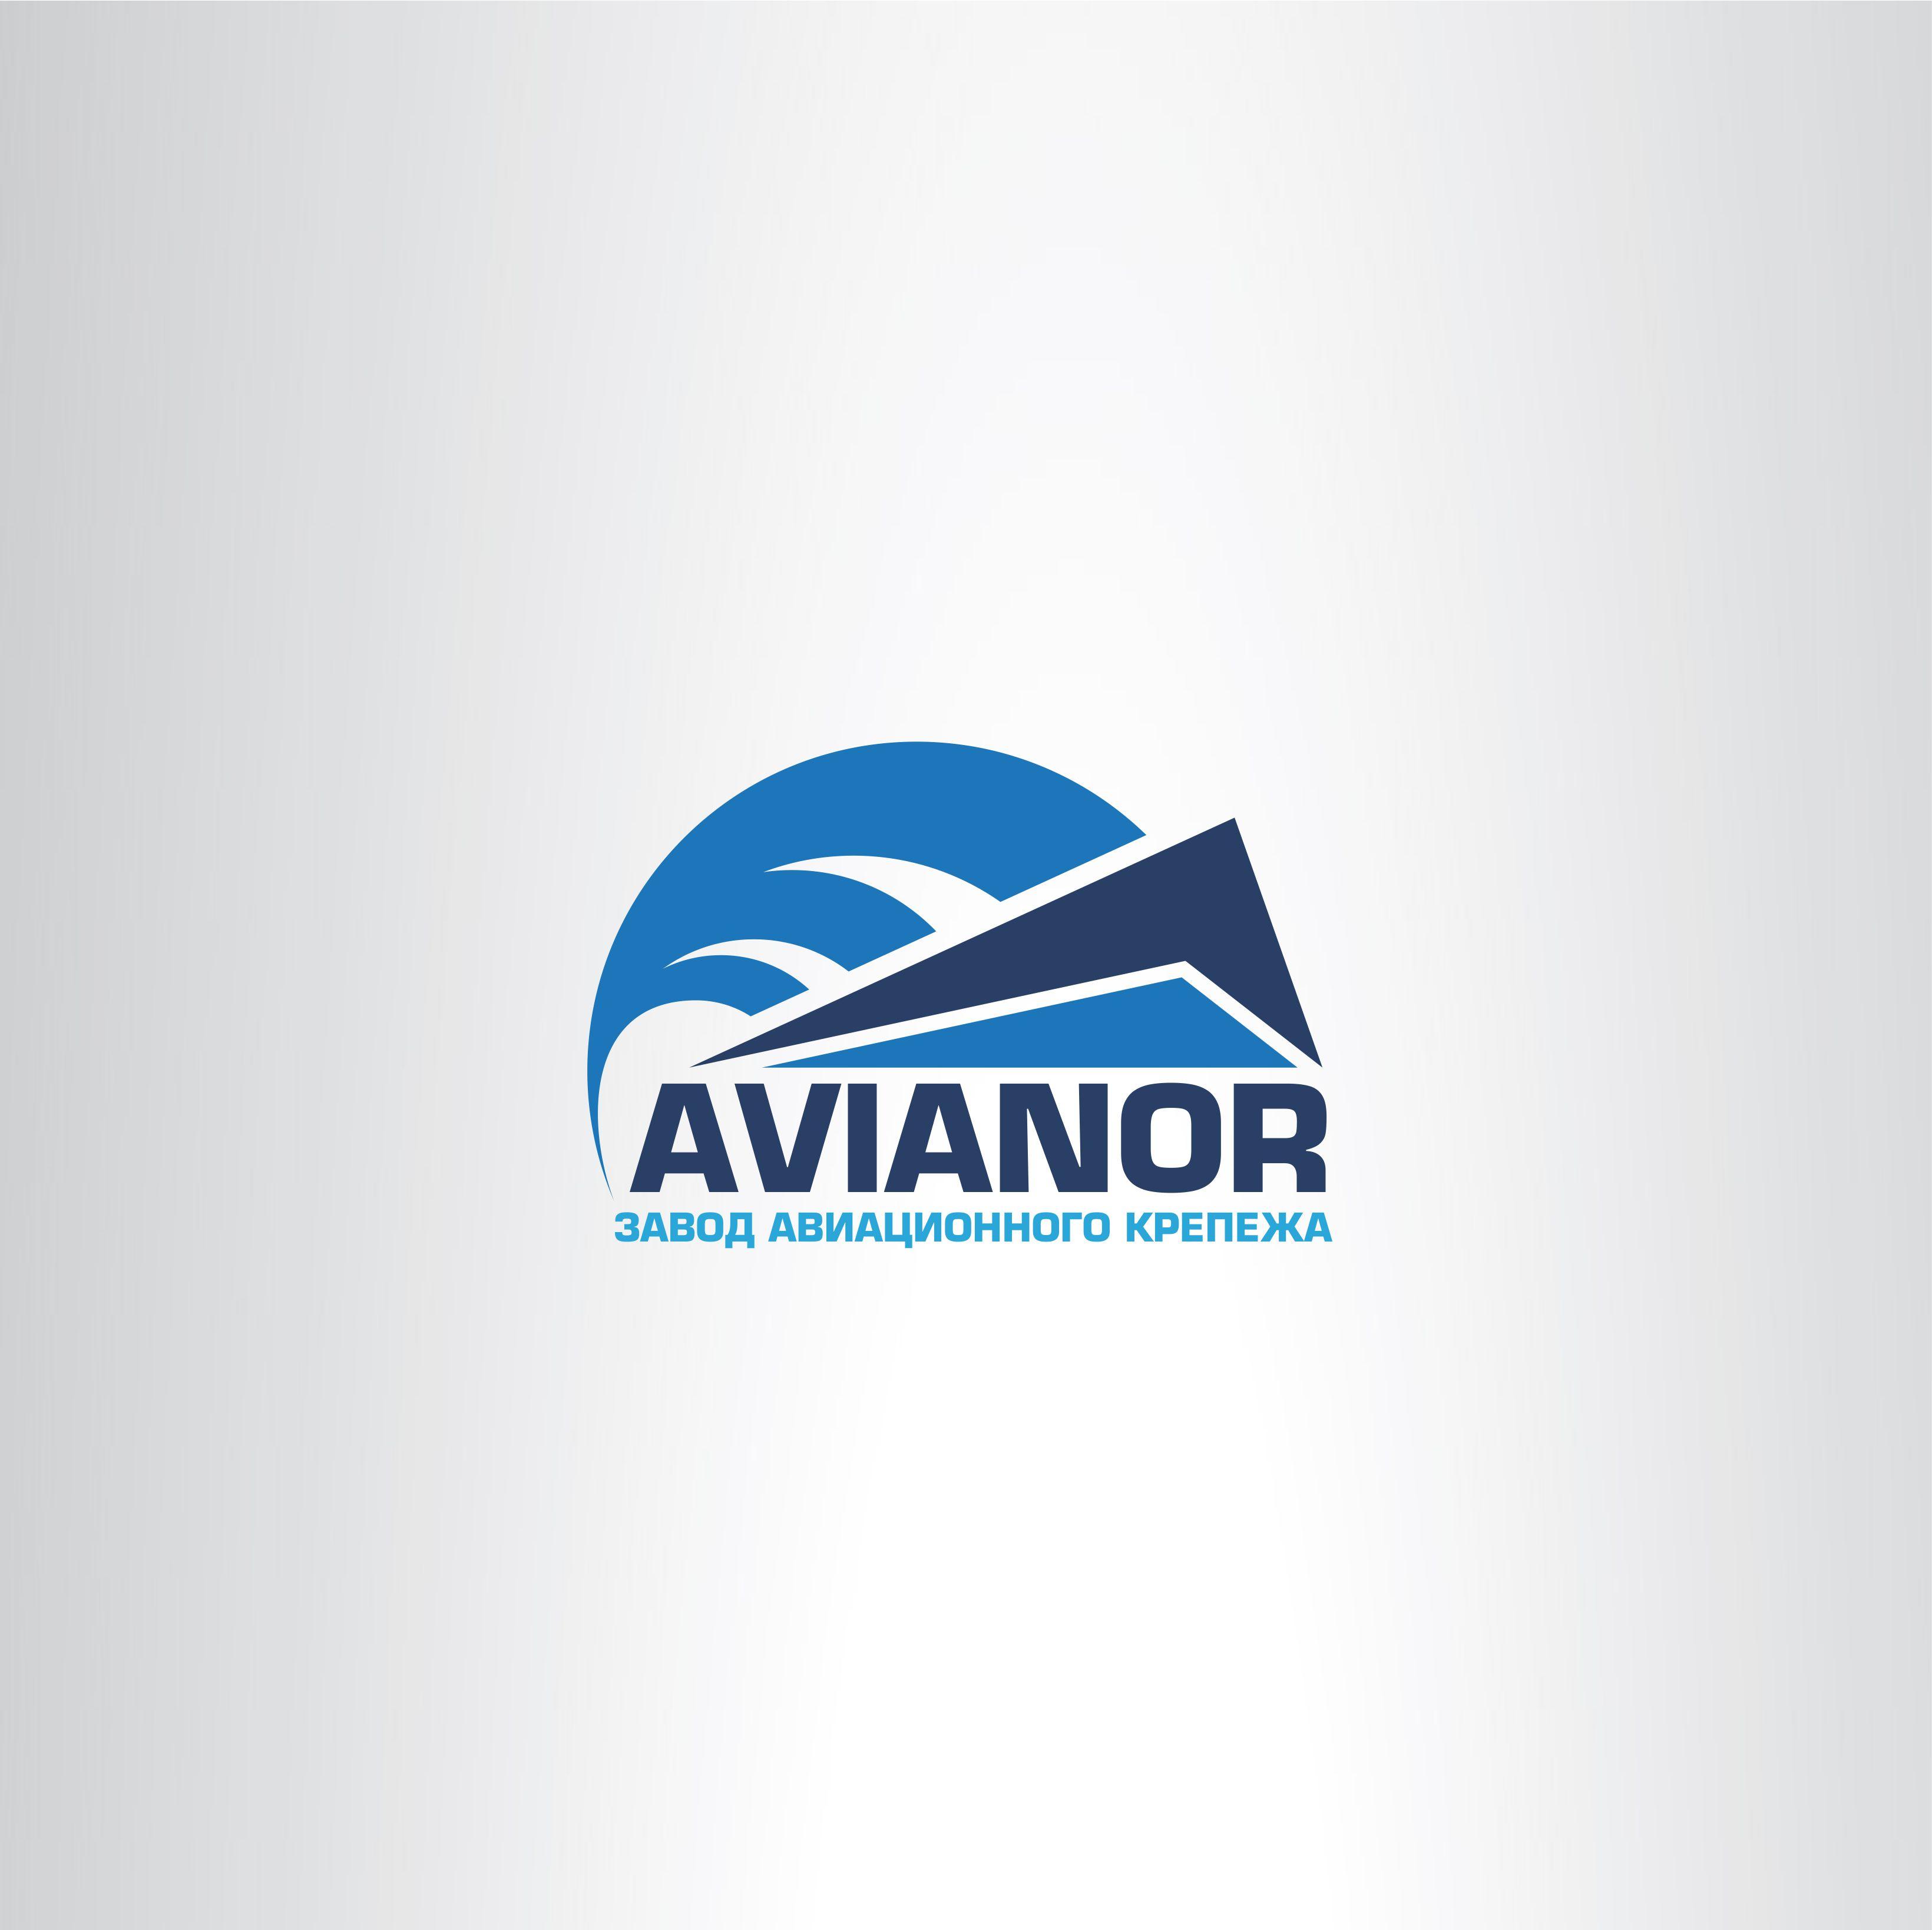 Нужен логотип и фирменный стиль для завода фото f_10252933ac347670.jpg